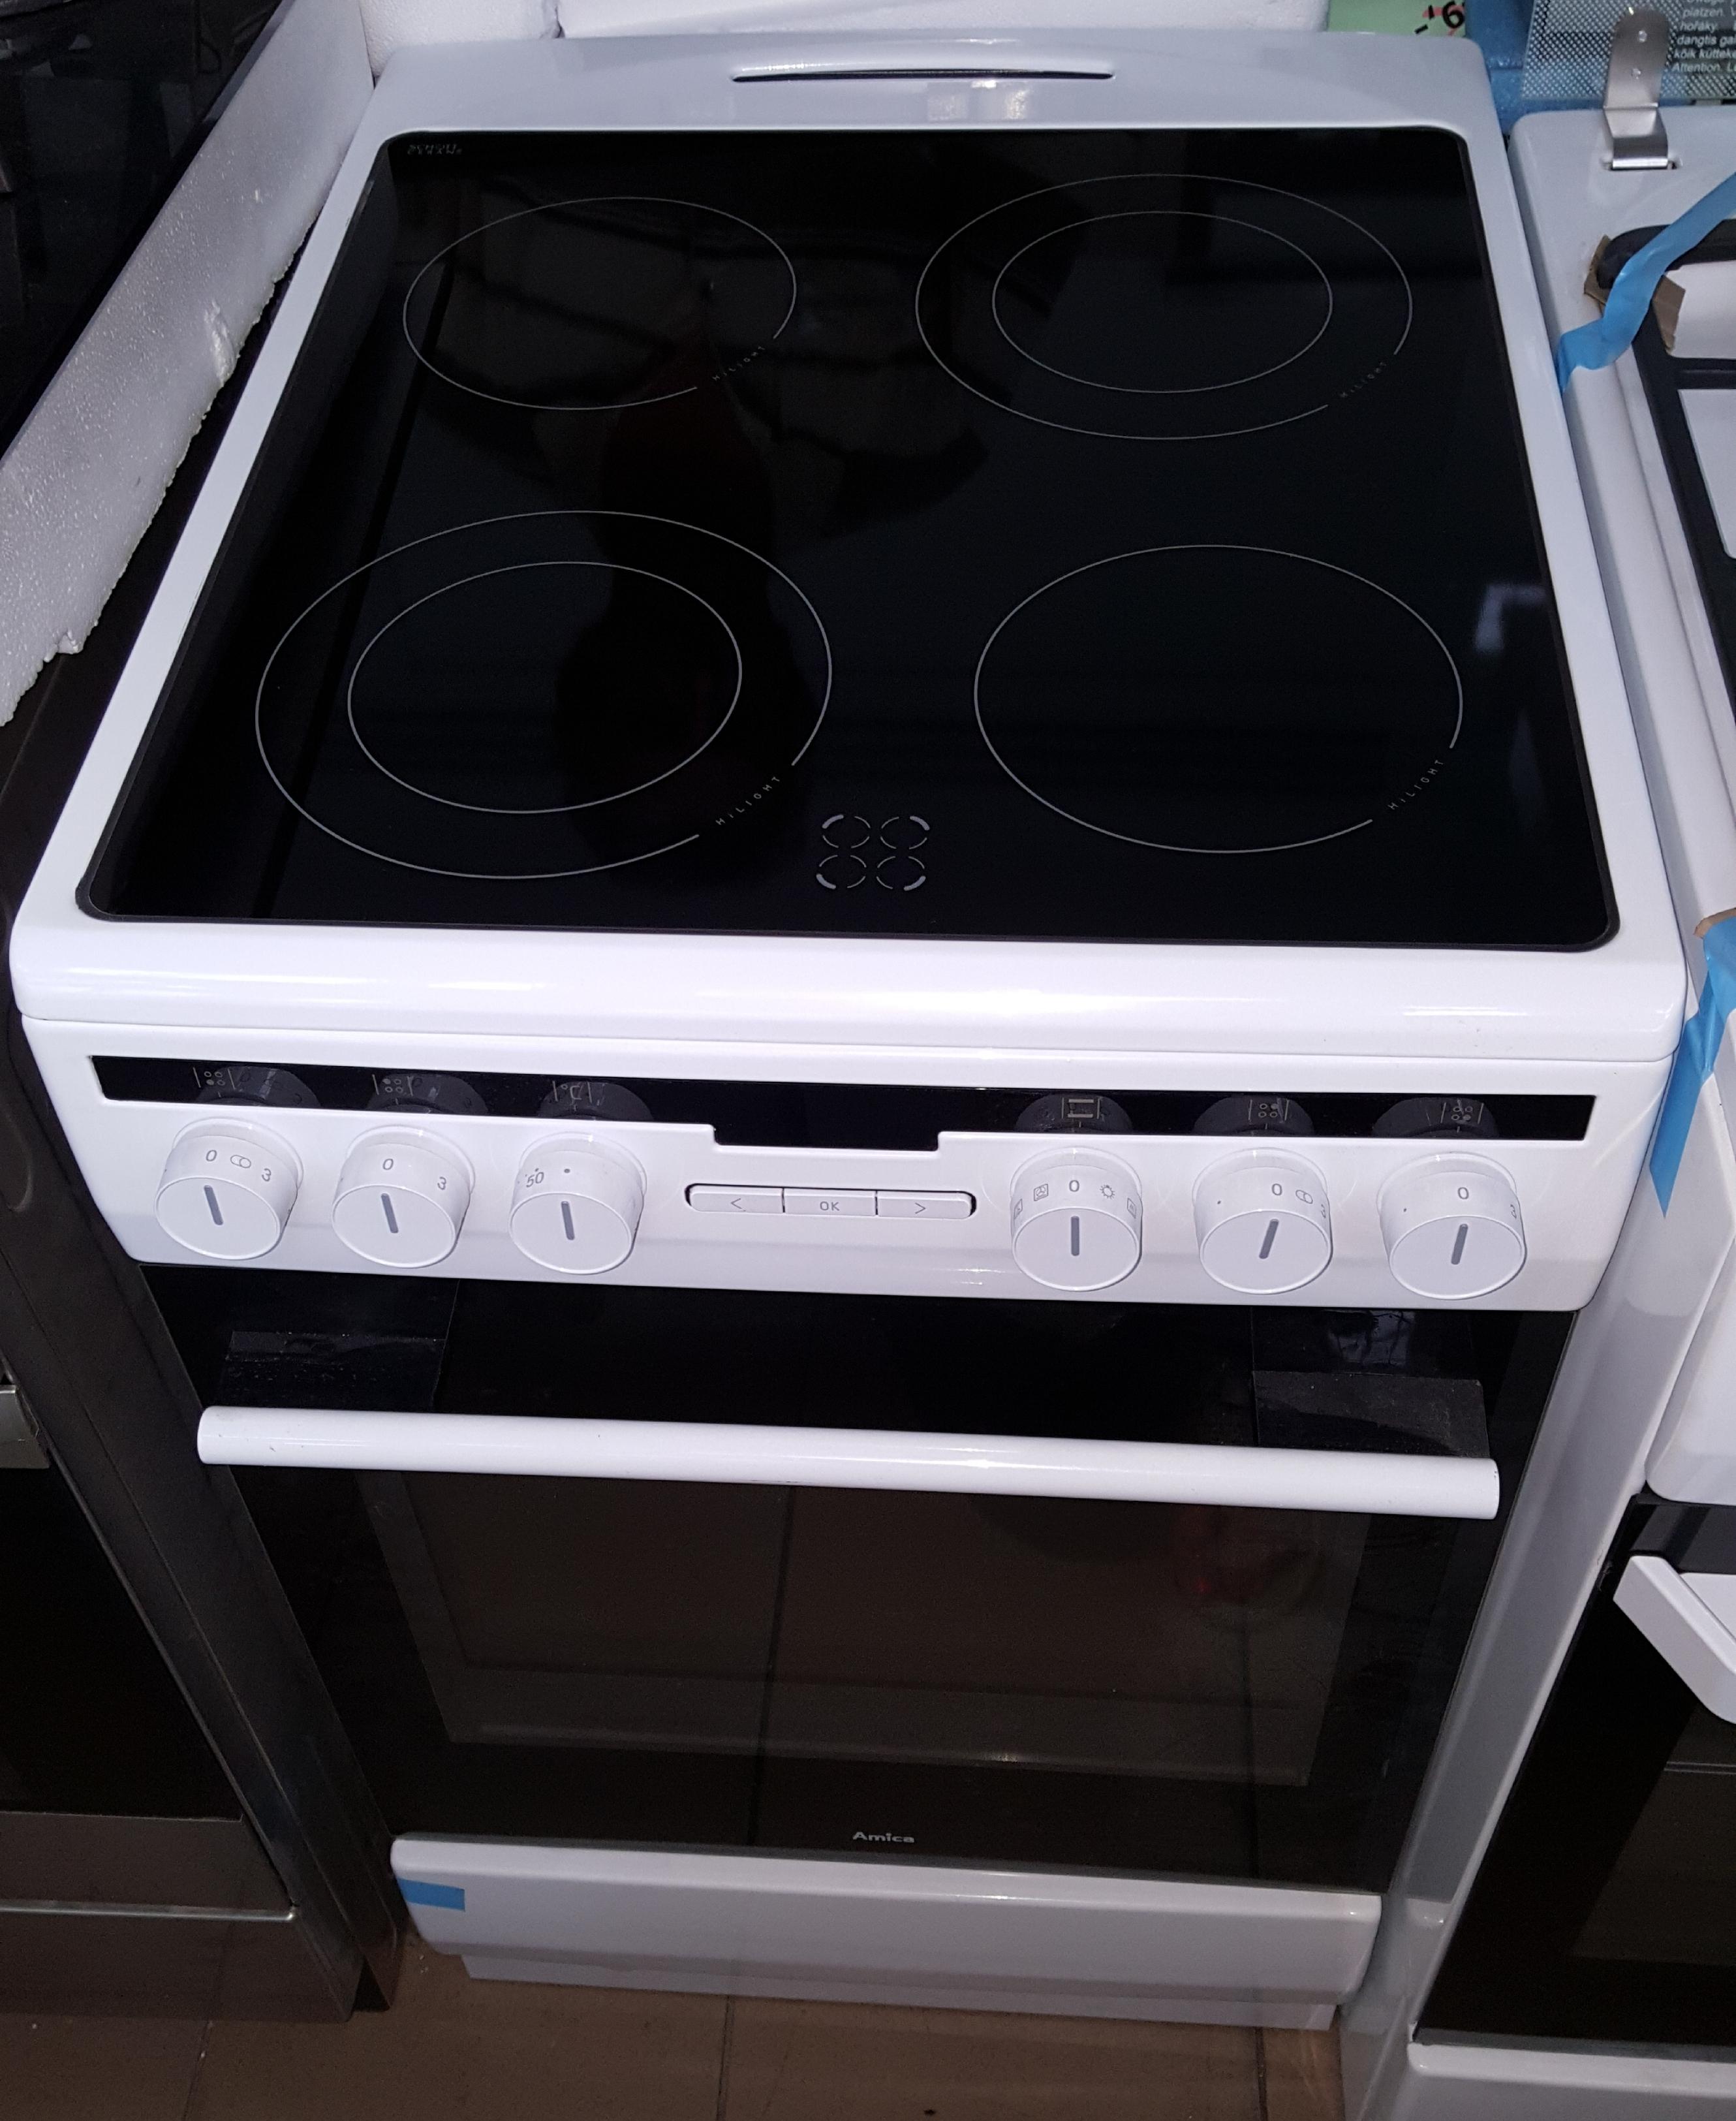 Kuchnia elektryczna z płytą ceramiczną Amica 58CE3 315HTAQ(W)  Ekspert Serwis